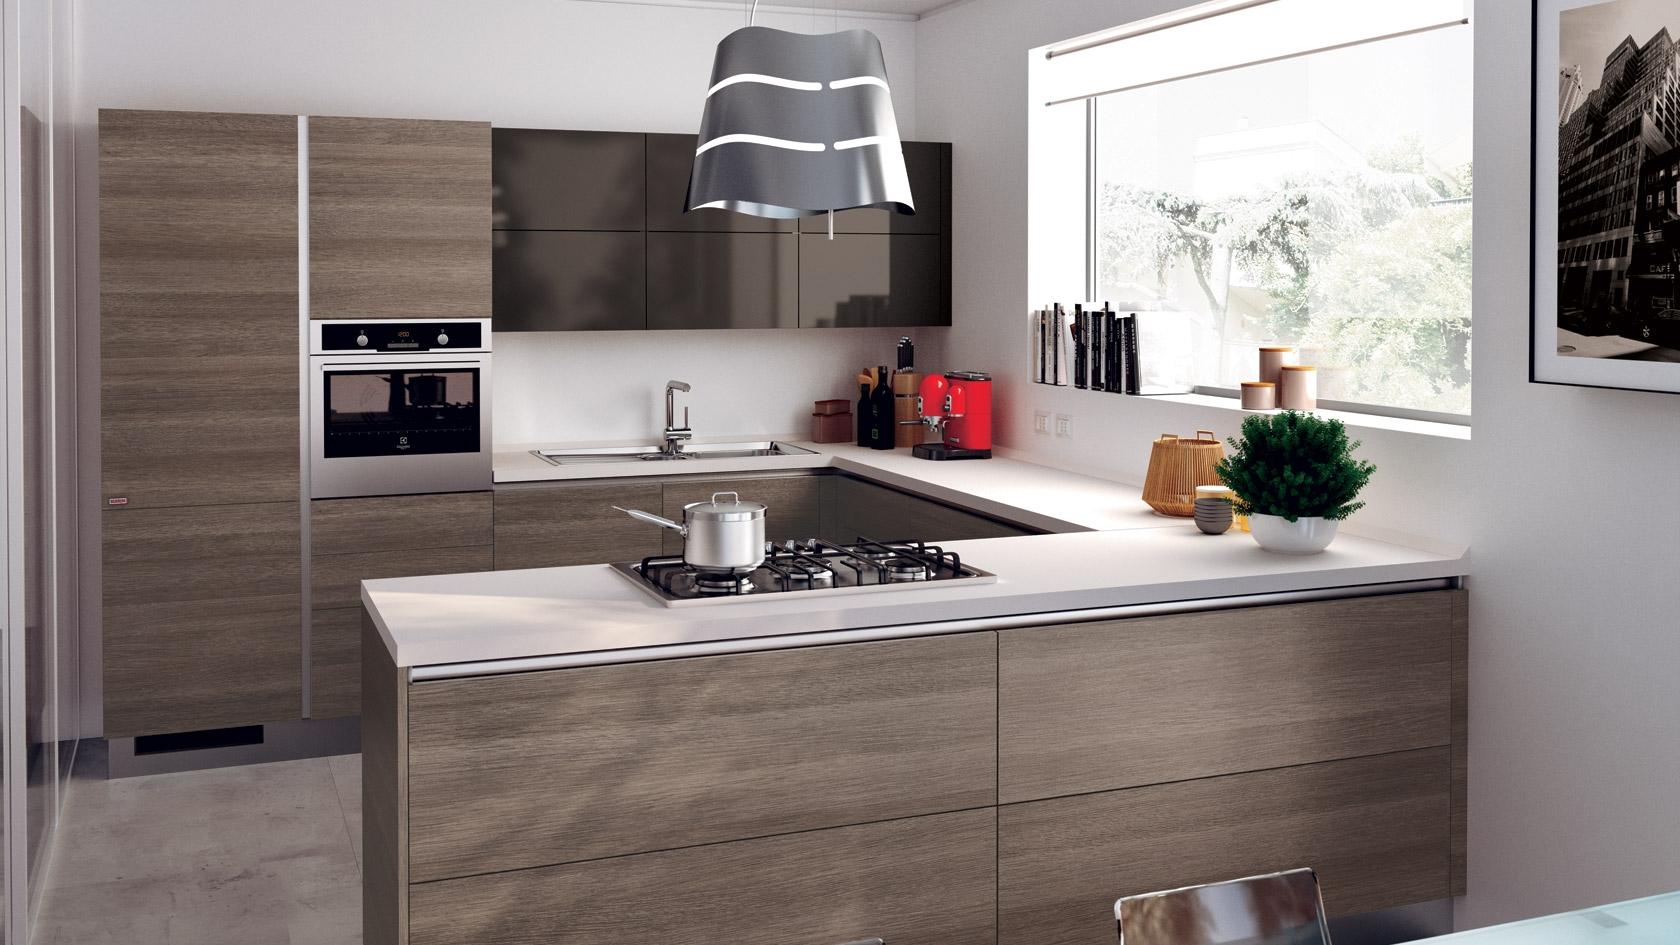 Scavolini итальянские кухни & мебель для ванной салон scavol.